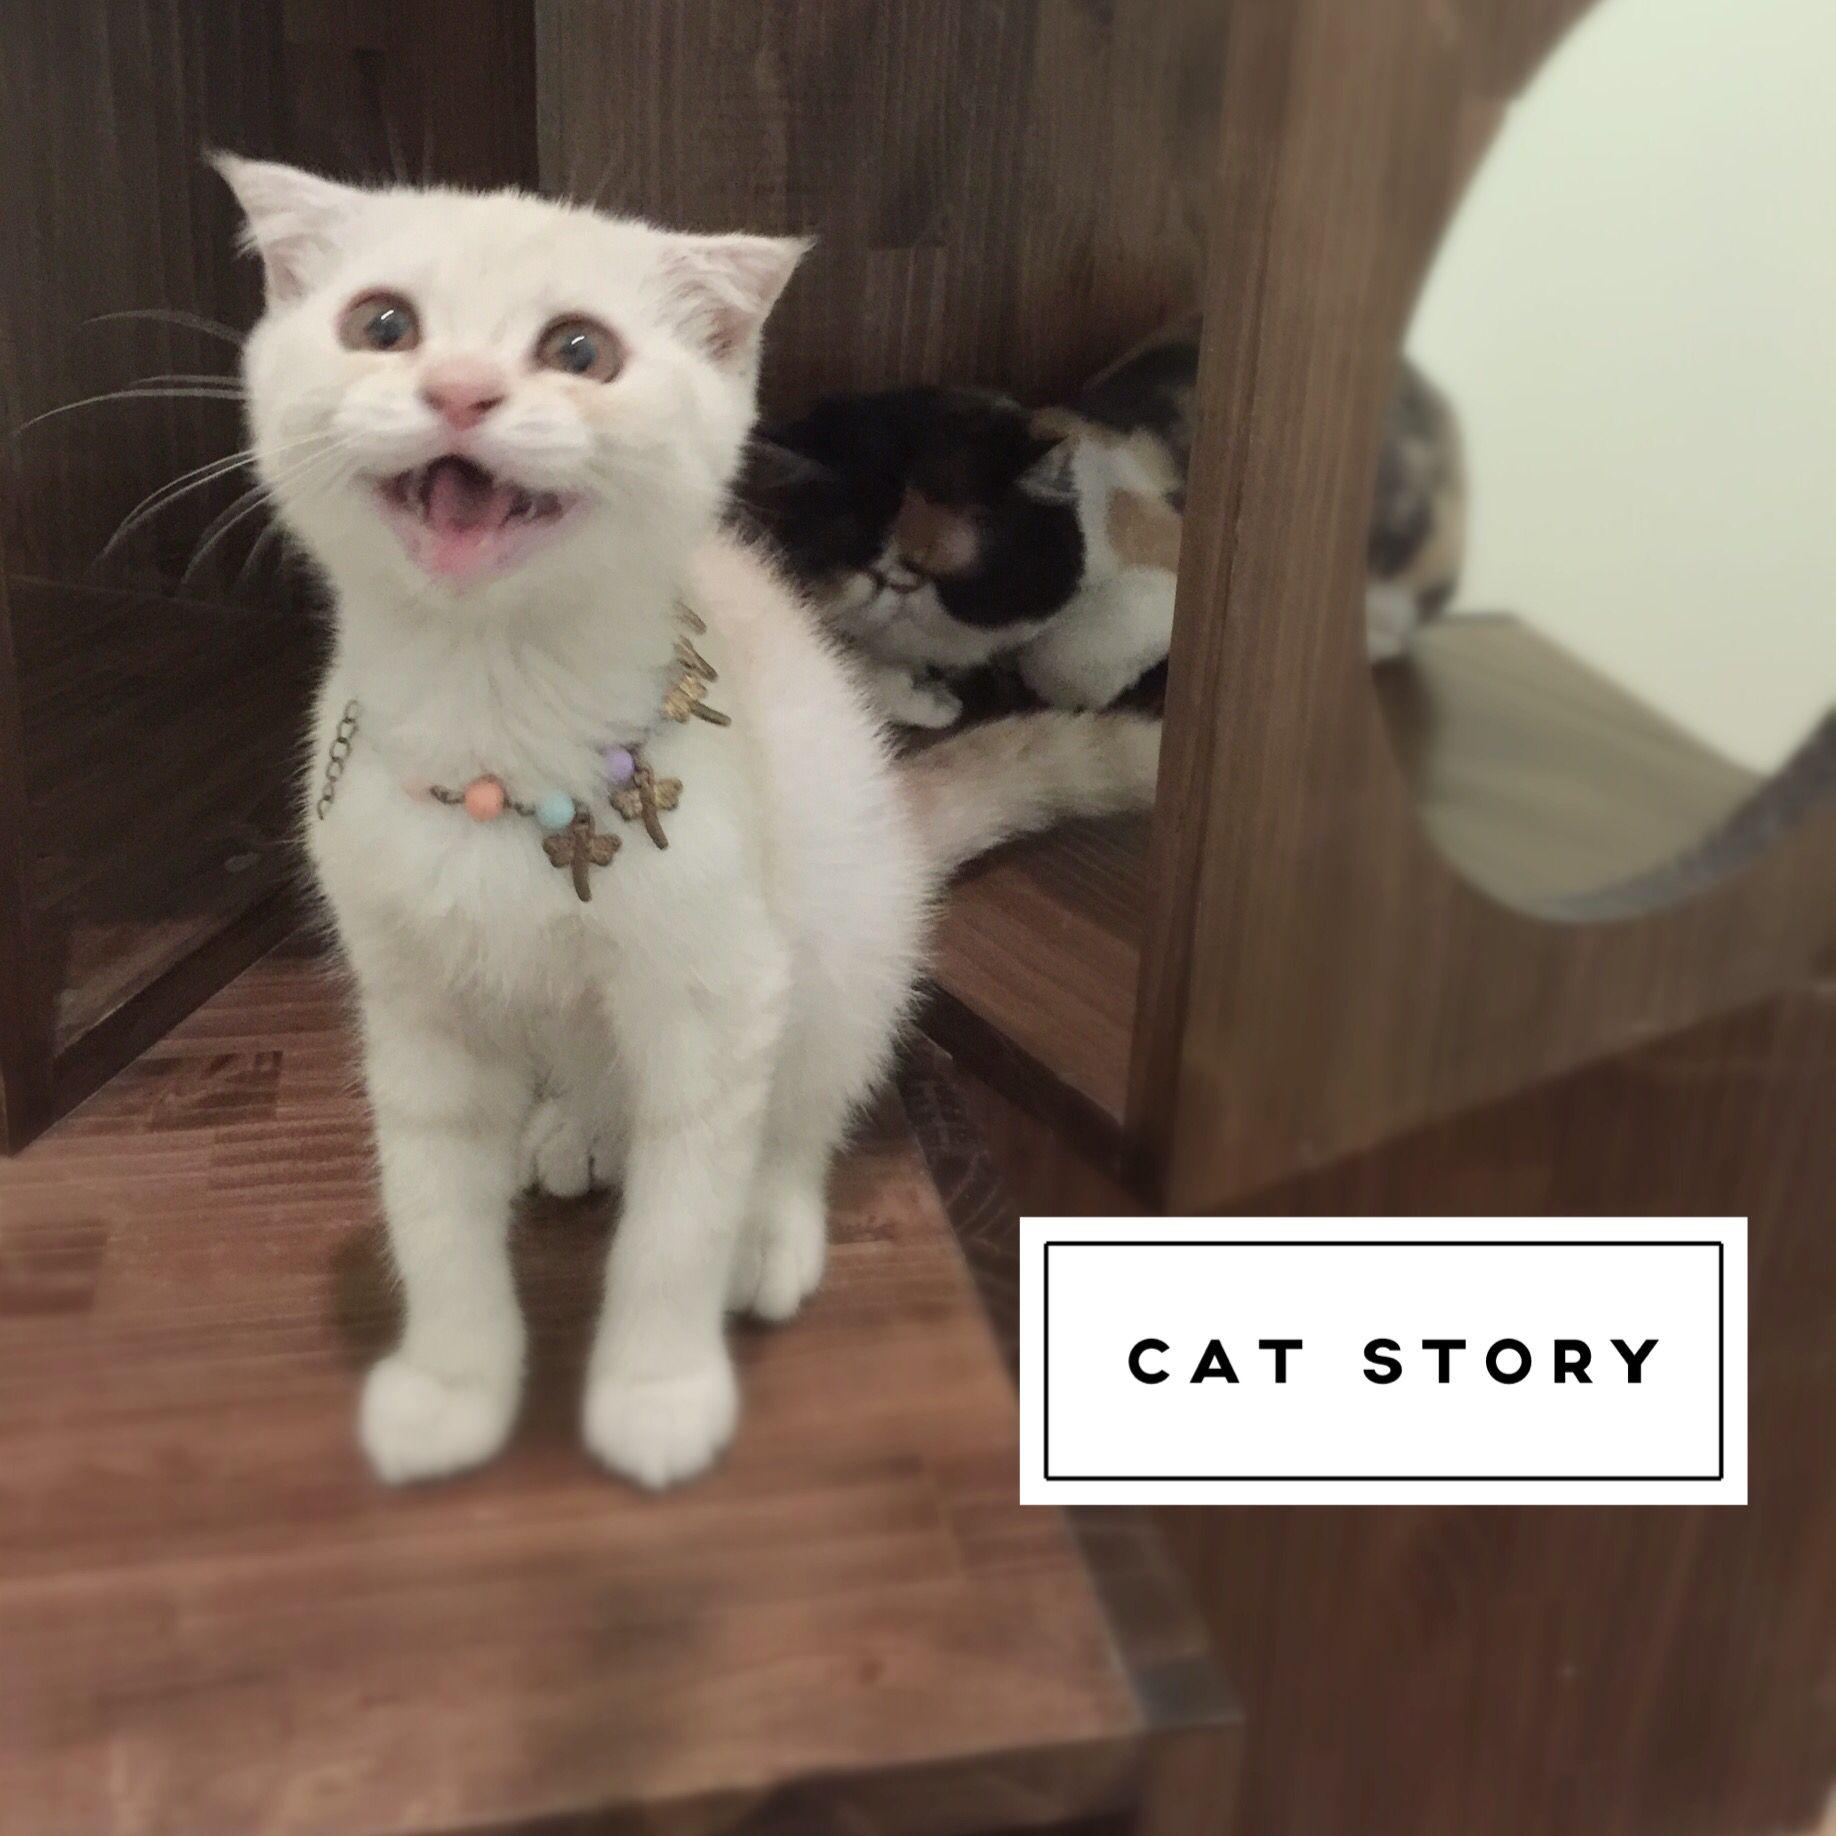 โรงแรมแมว Cat Story 5 Star Cat Hotel ห องพ กร บฝากแมวระด บพร เม ยม ด แลโดยส ตวแพทย ห องพ กไม ข งกรง ห องแอร ท กห อง ห องใหญ และ แมวเปอร เซ ย แมว กระบะทราย